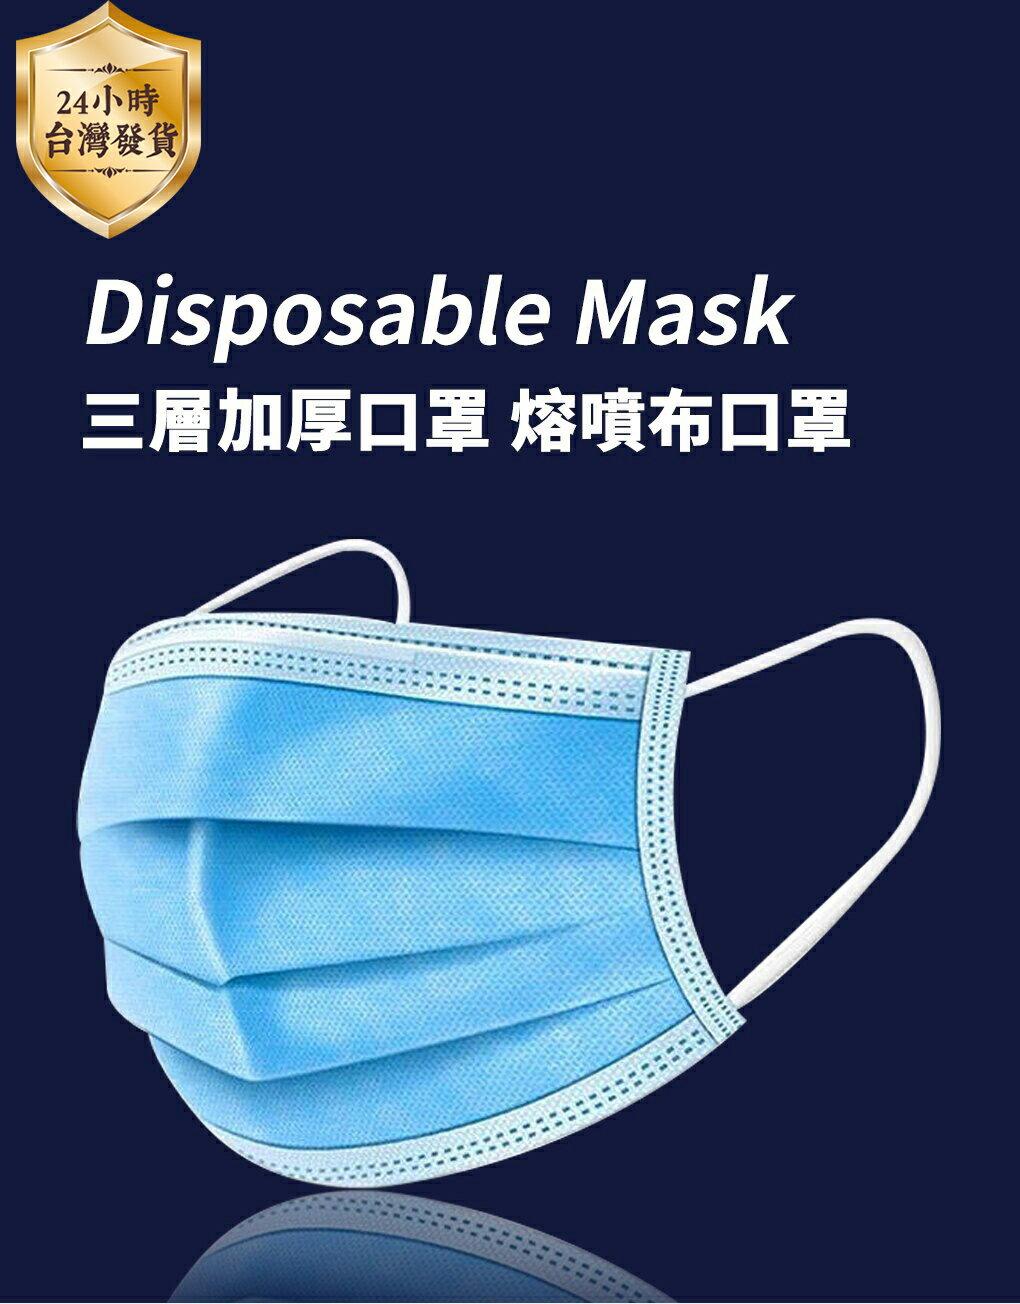 現貨!免運費 國際CE認證 正三層加厚 熔噴布 熔噴布口罩  防水 防飛沫 防塵 #非醫療口罩